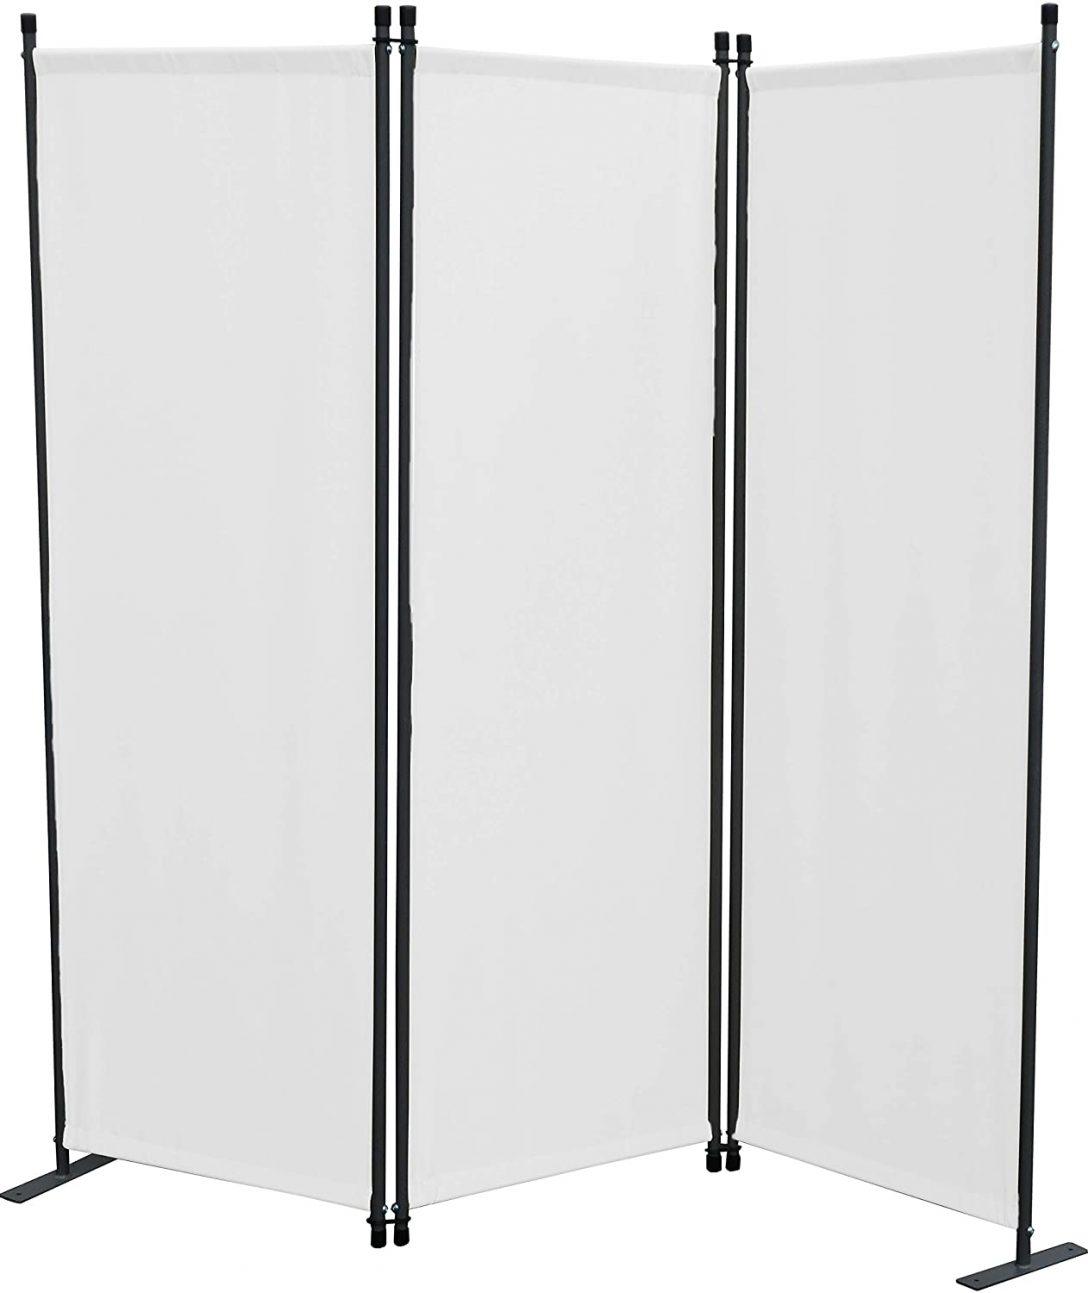 Large Size of Grasekamp Qualitt Seit 1972 Paravent 3 Teilig Wei Raumteiler Rattenbekämpfung Im Garten Tisch Trampolin Trennwände Rattan Sofa Loungemöbel Ecksofa Wohnzimmer Paravent Garten Standfest